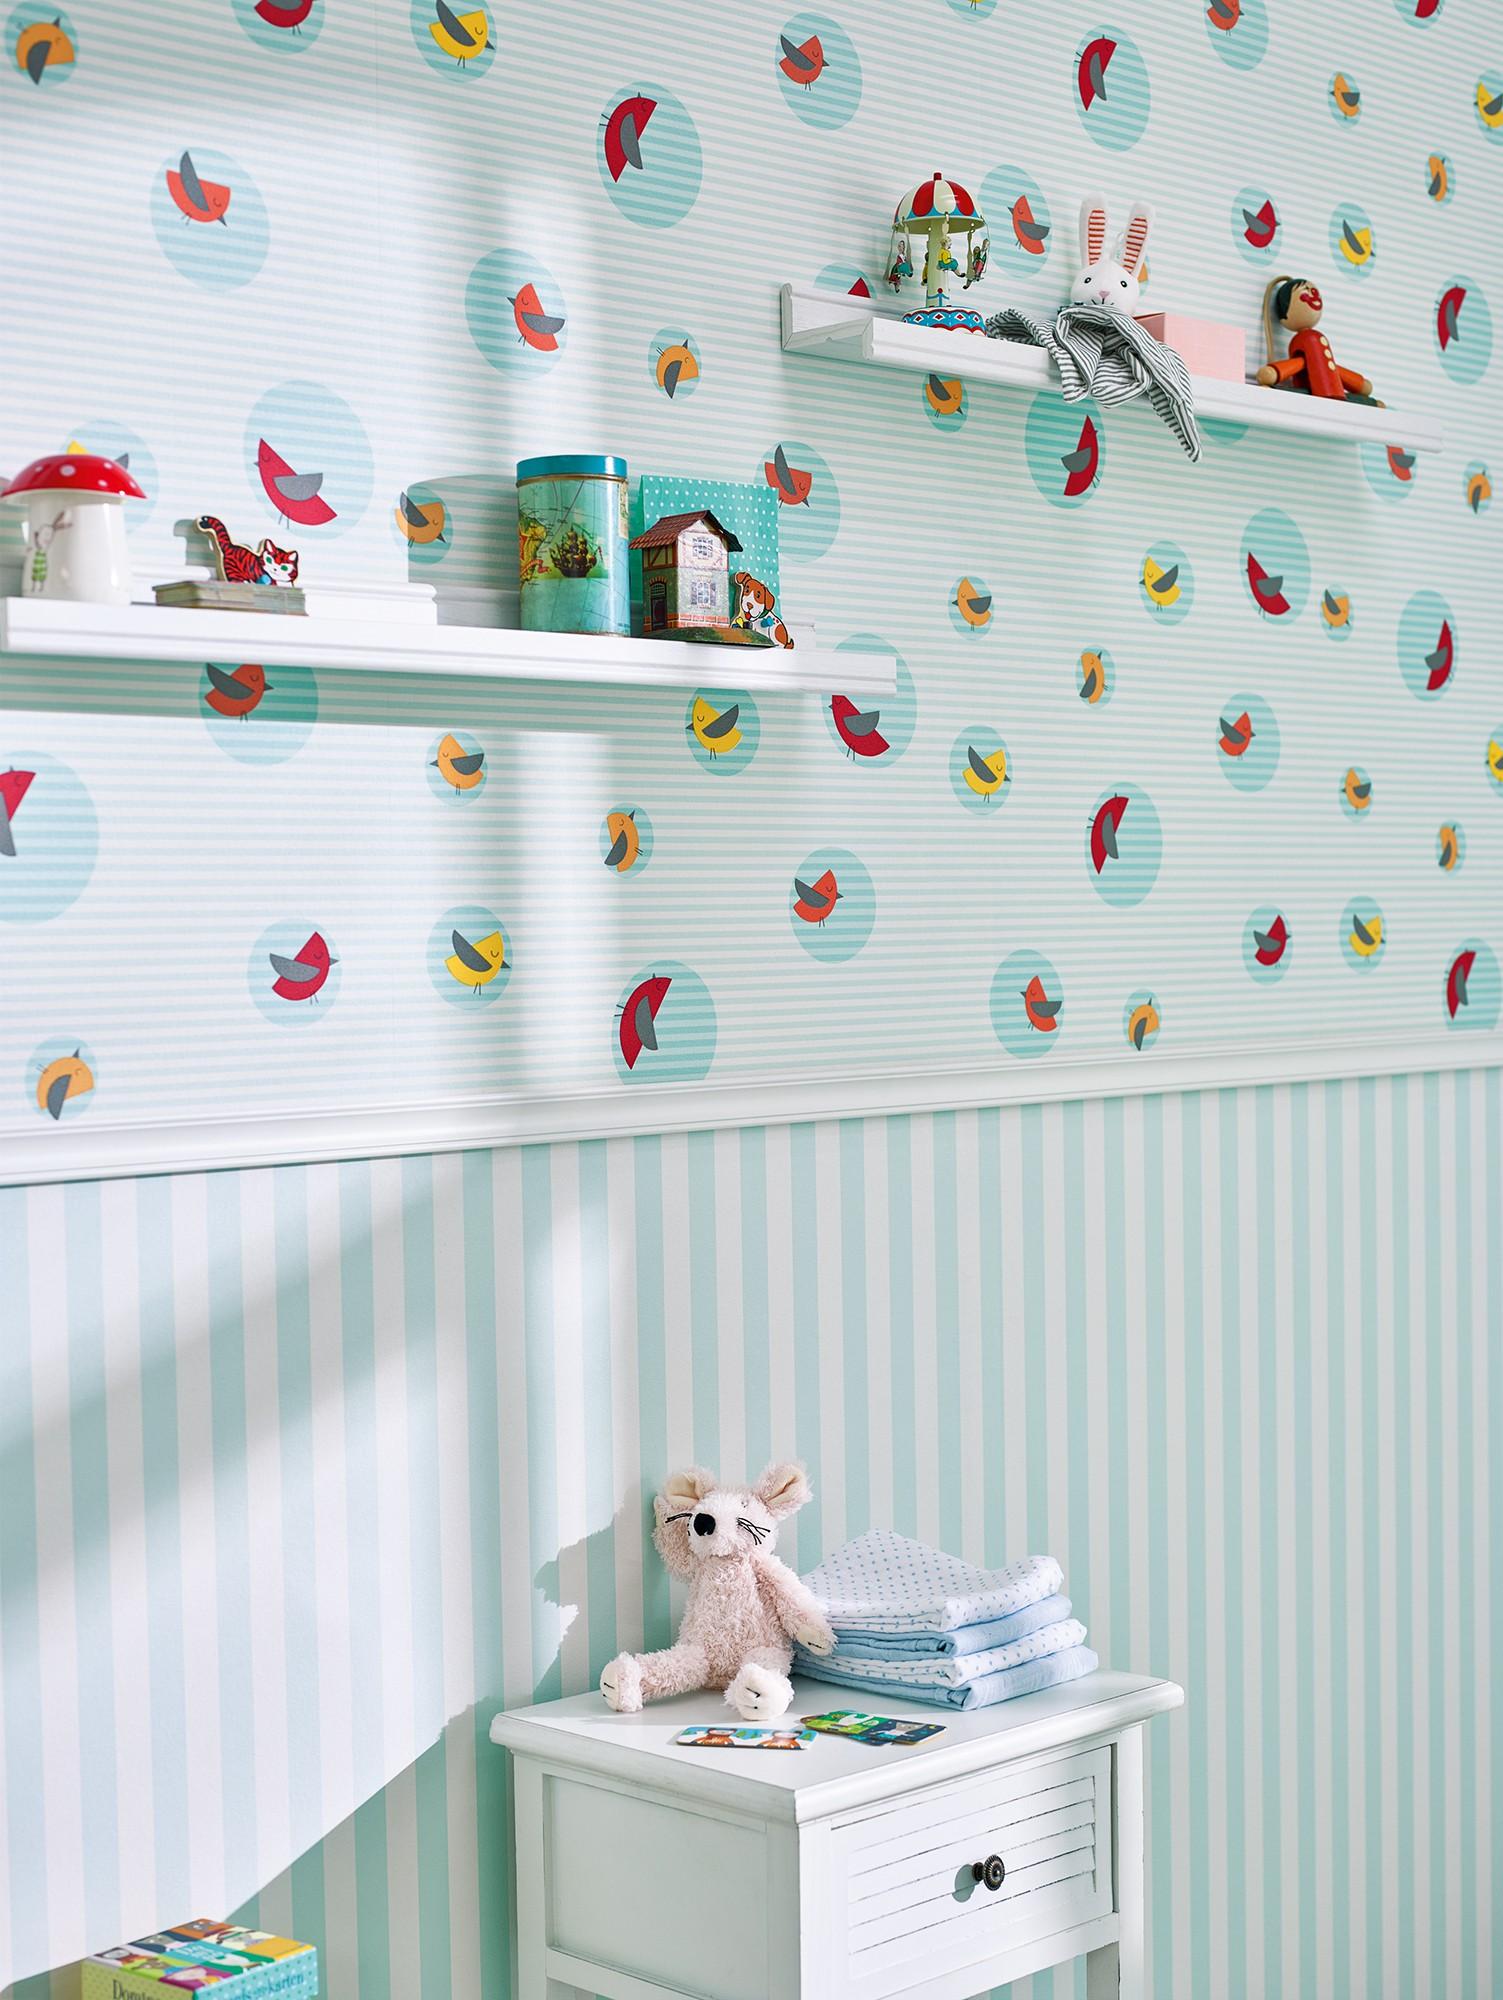 tapete esprit kids kinder v gel t rkis 30298 3. Black Bedroom Furniture Sets. Home Design Ideas